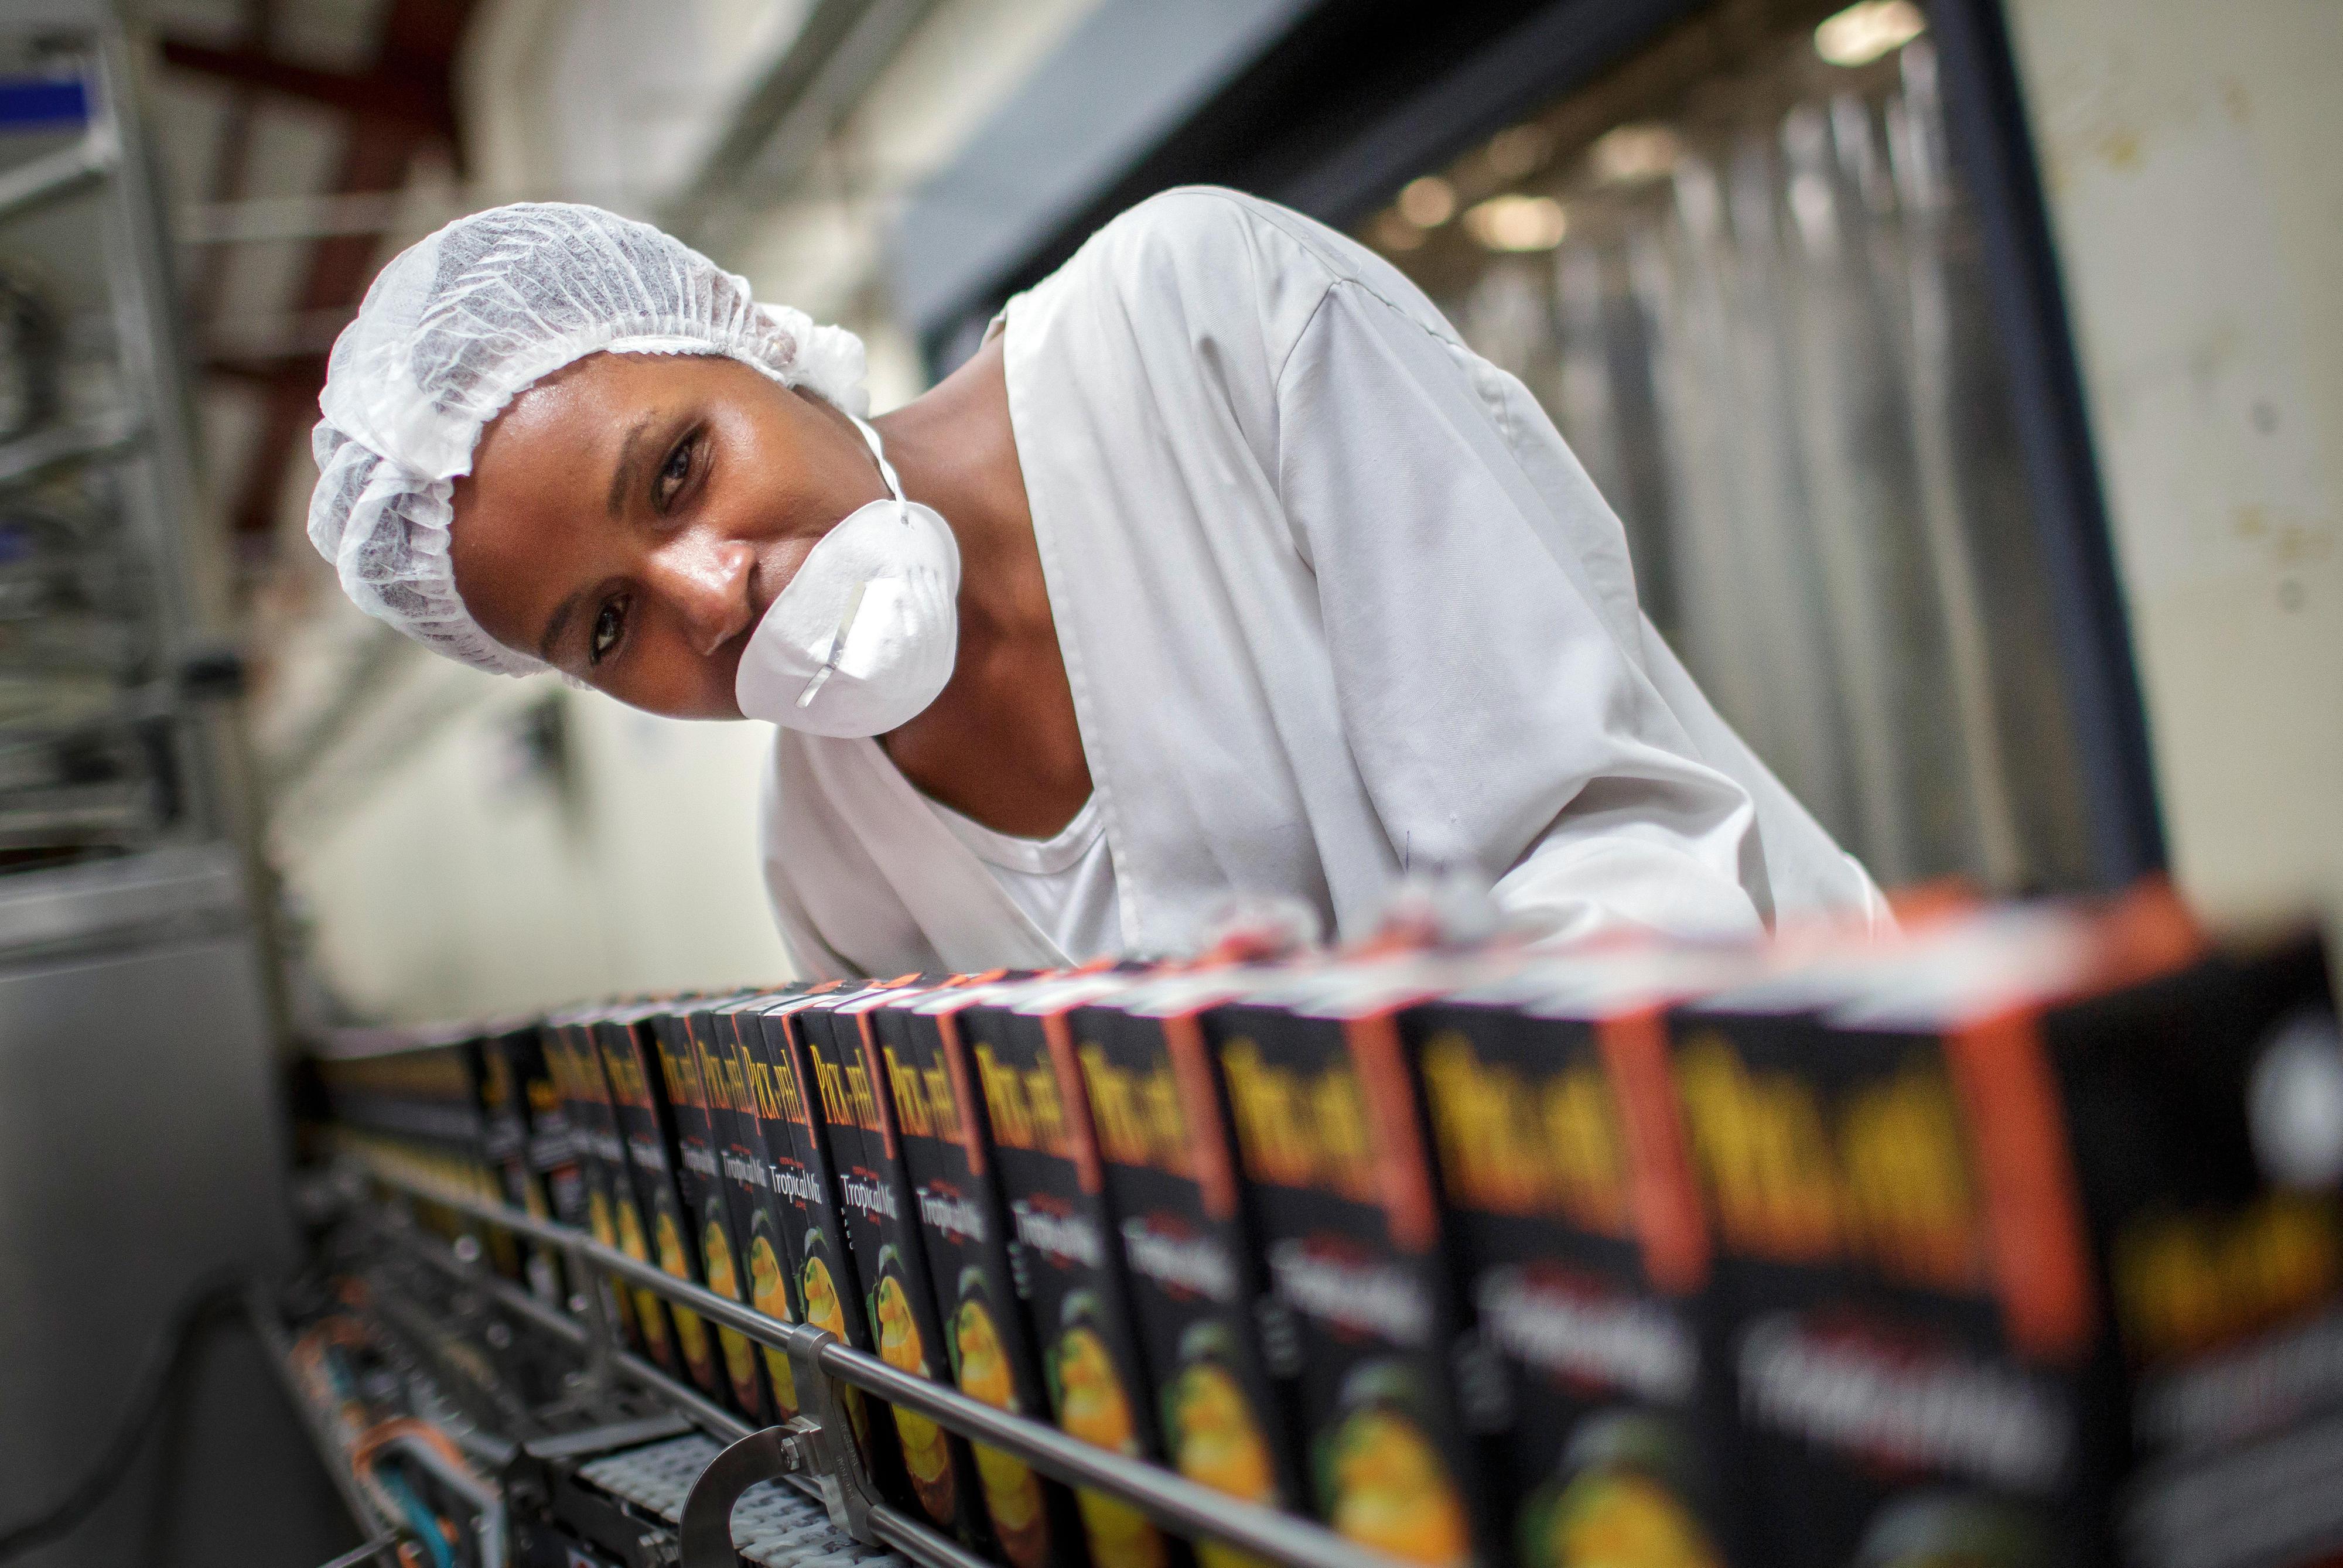 Eine Mitarbeiterin kontrolliert ein Fließband, auf dem Tetrapacks mit Fruchtsaft befördert werden.